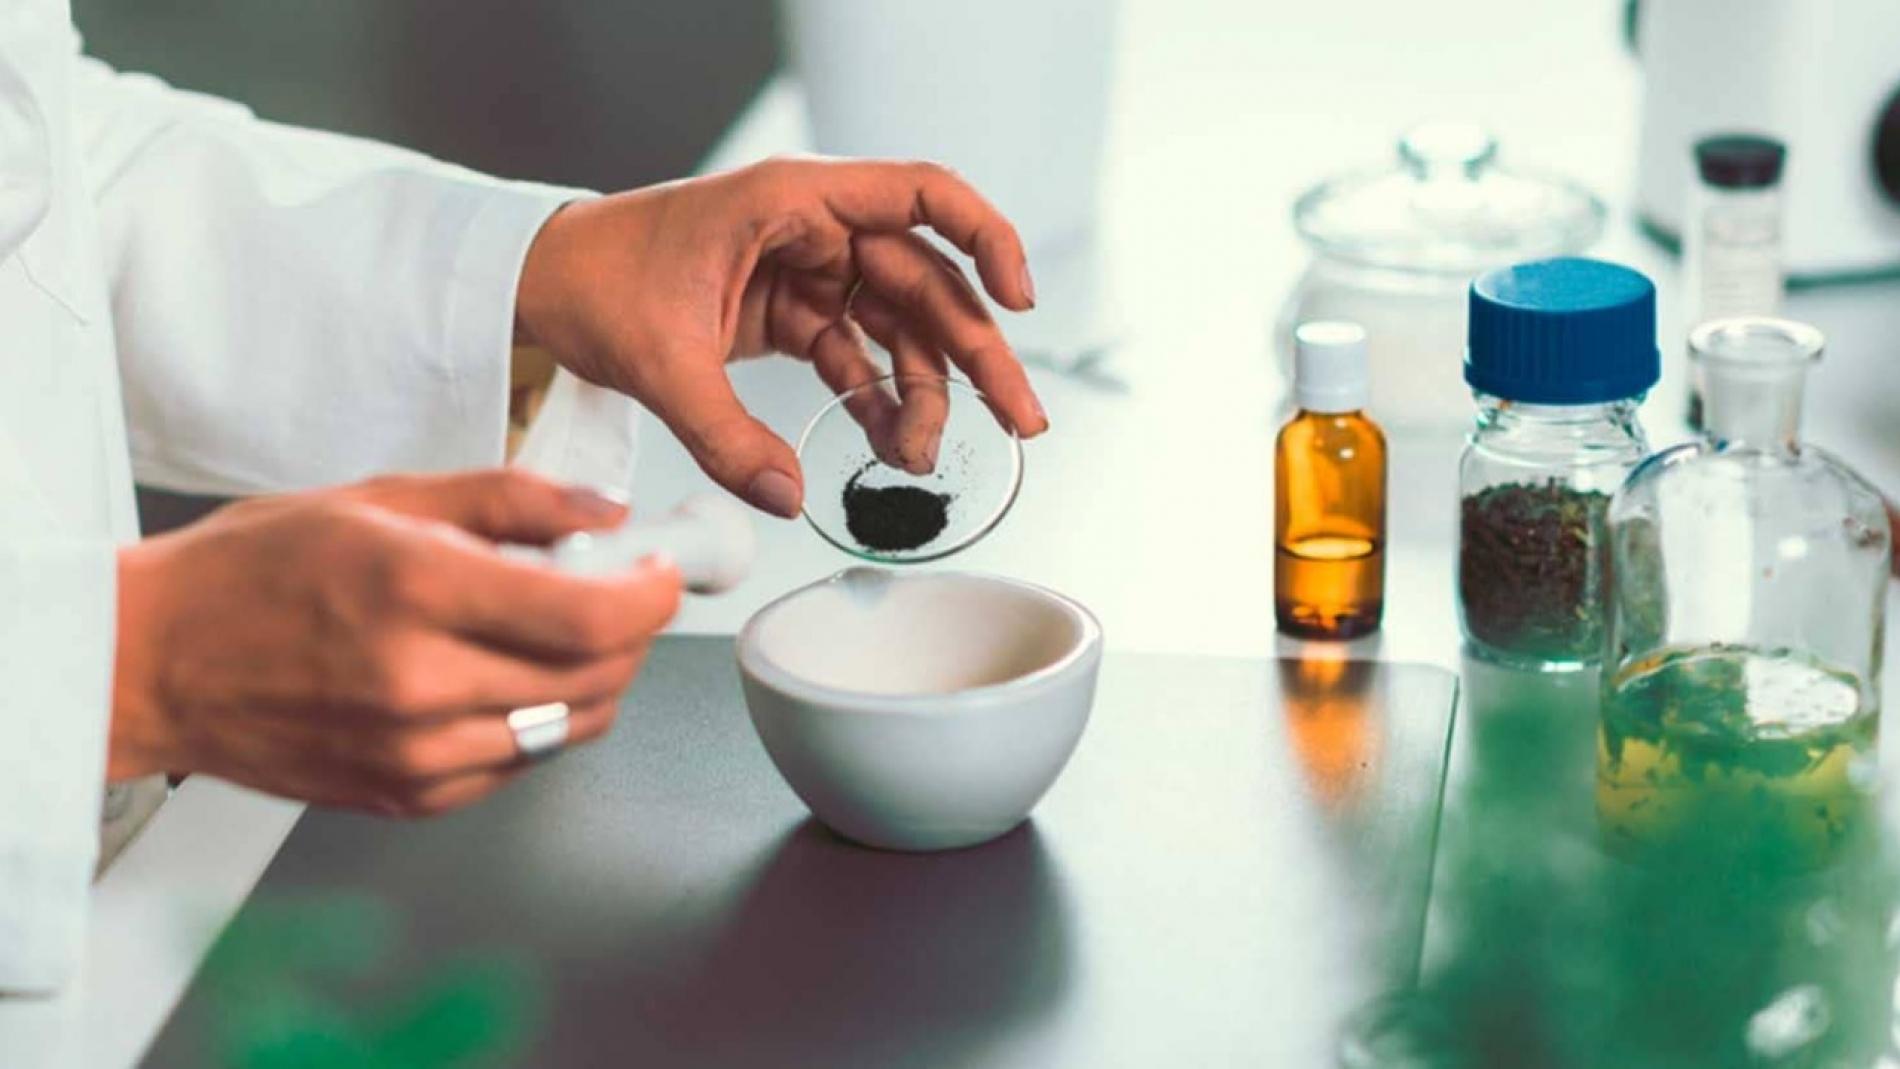 clinica de cirurgia plastica em santos dra ana lucia lemos homeopatia